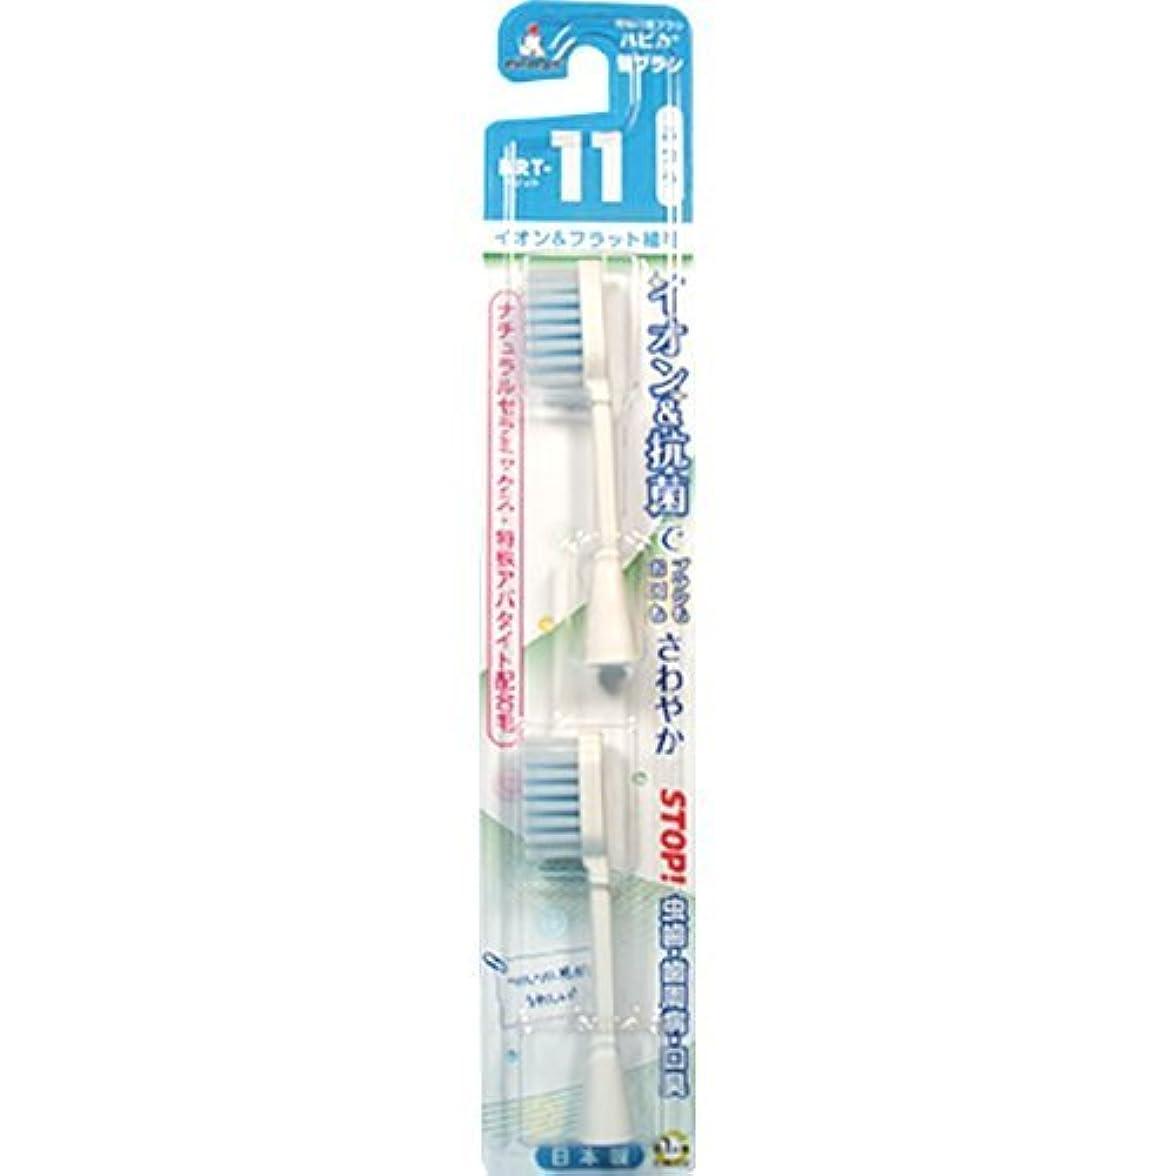 聖人対称案件ミニマム 電動付歯ブラシ ハピカ 専用替ブラシ イオン+フラット植毛 毛の硬さ:ふつう BRT-11 2個入